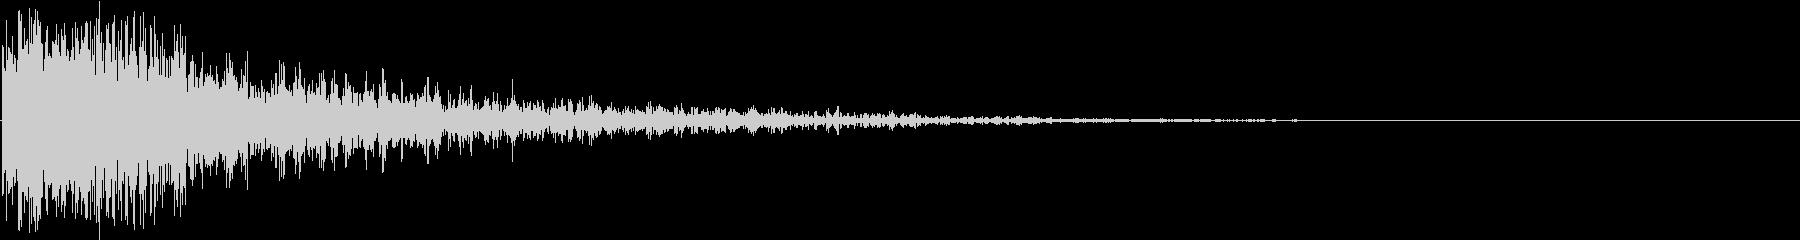 テレビ番組・CM・動画テロップ08の未再生の波形